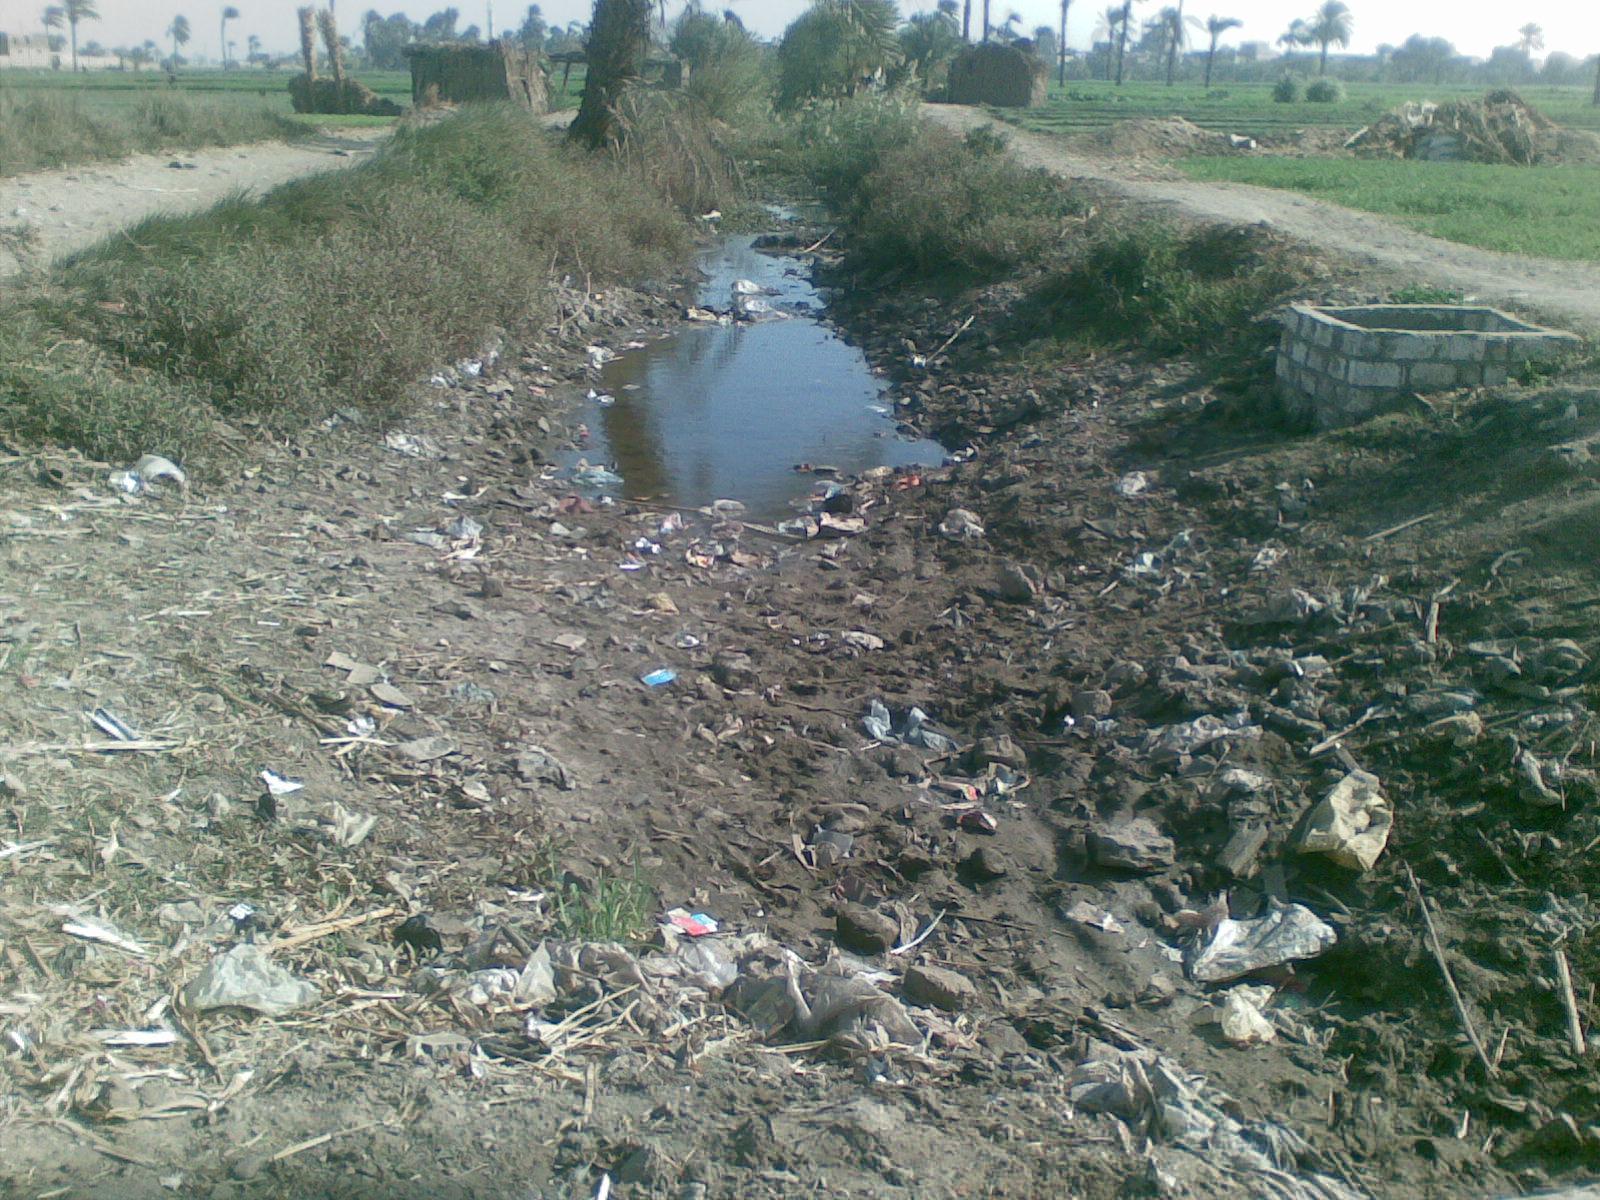 لا تصدقوا دفن النفايات النوويه في مصر لأن إسرائيل لن تسمح بهذا بين نهري النيل والفرات